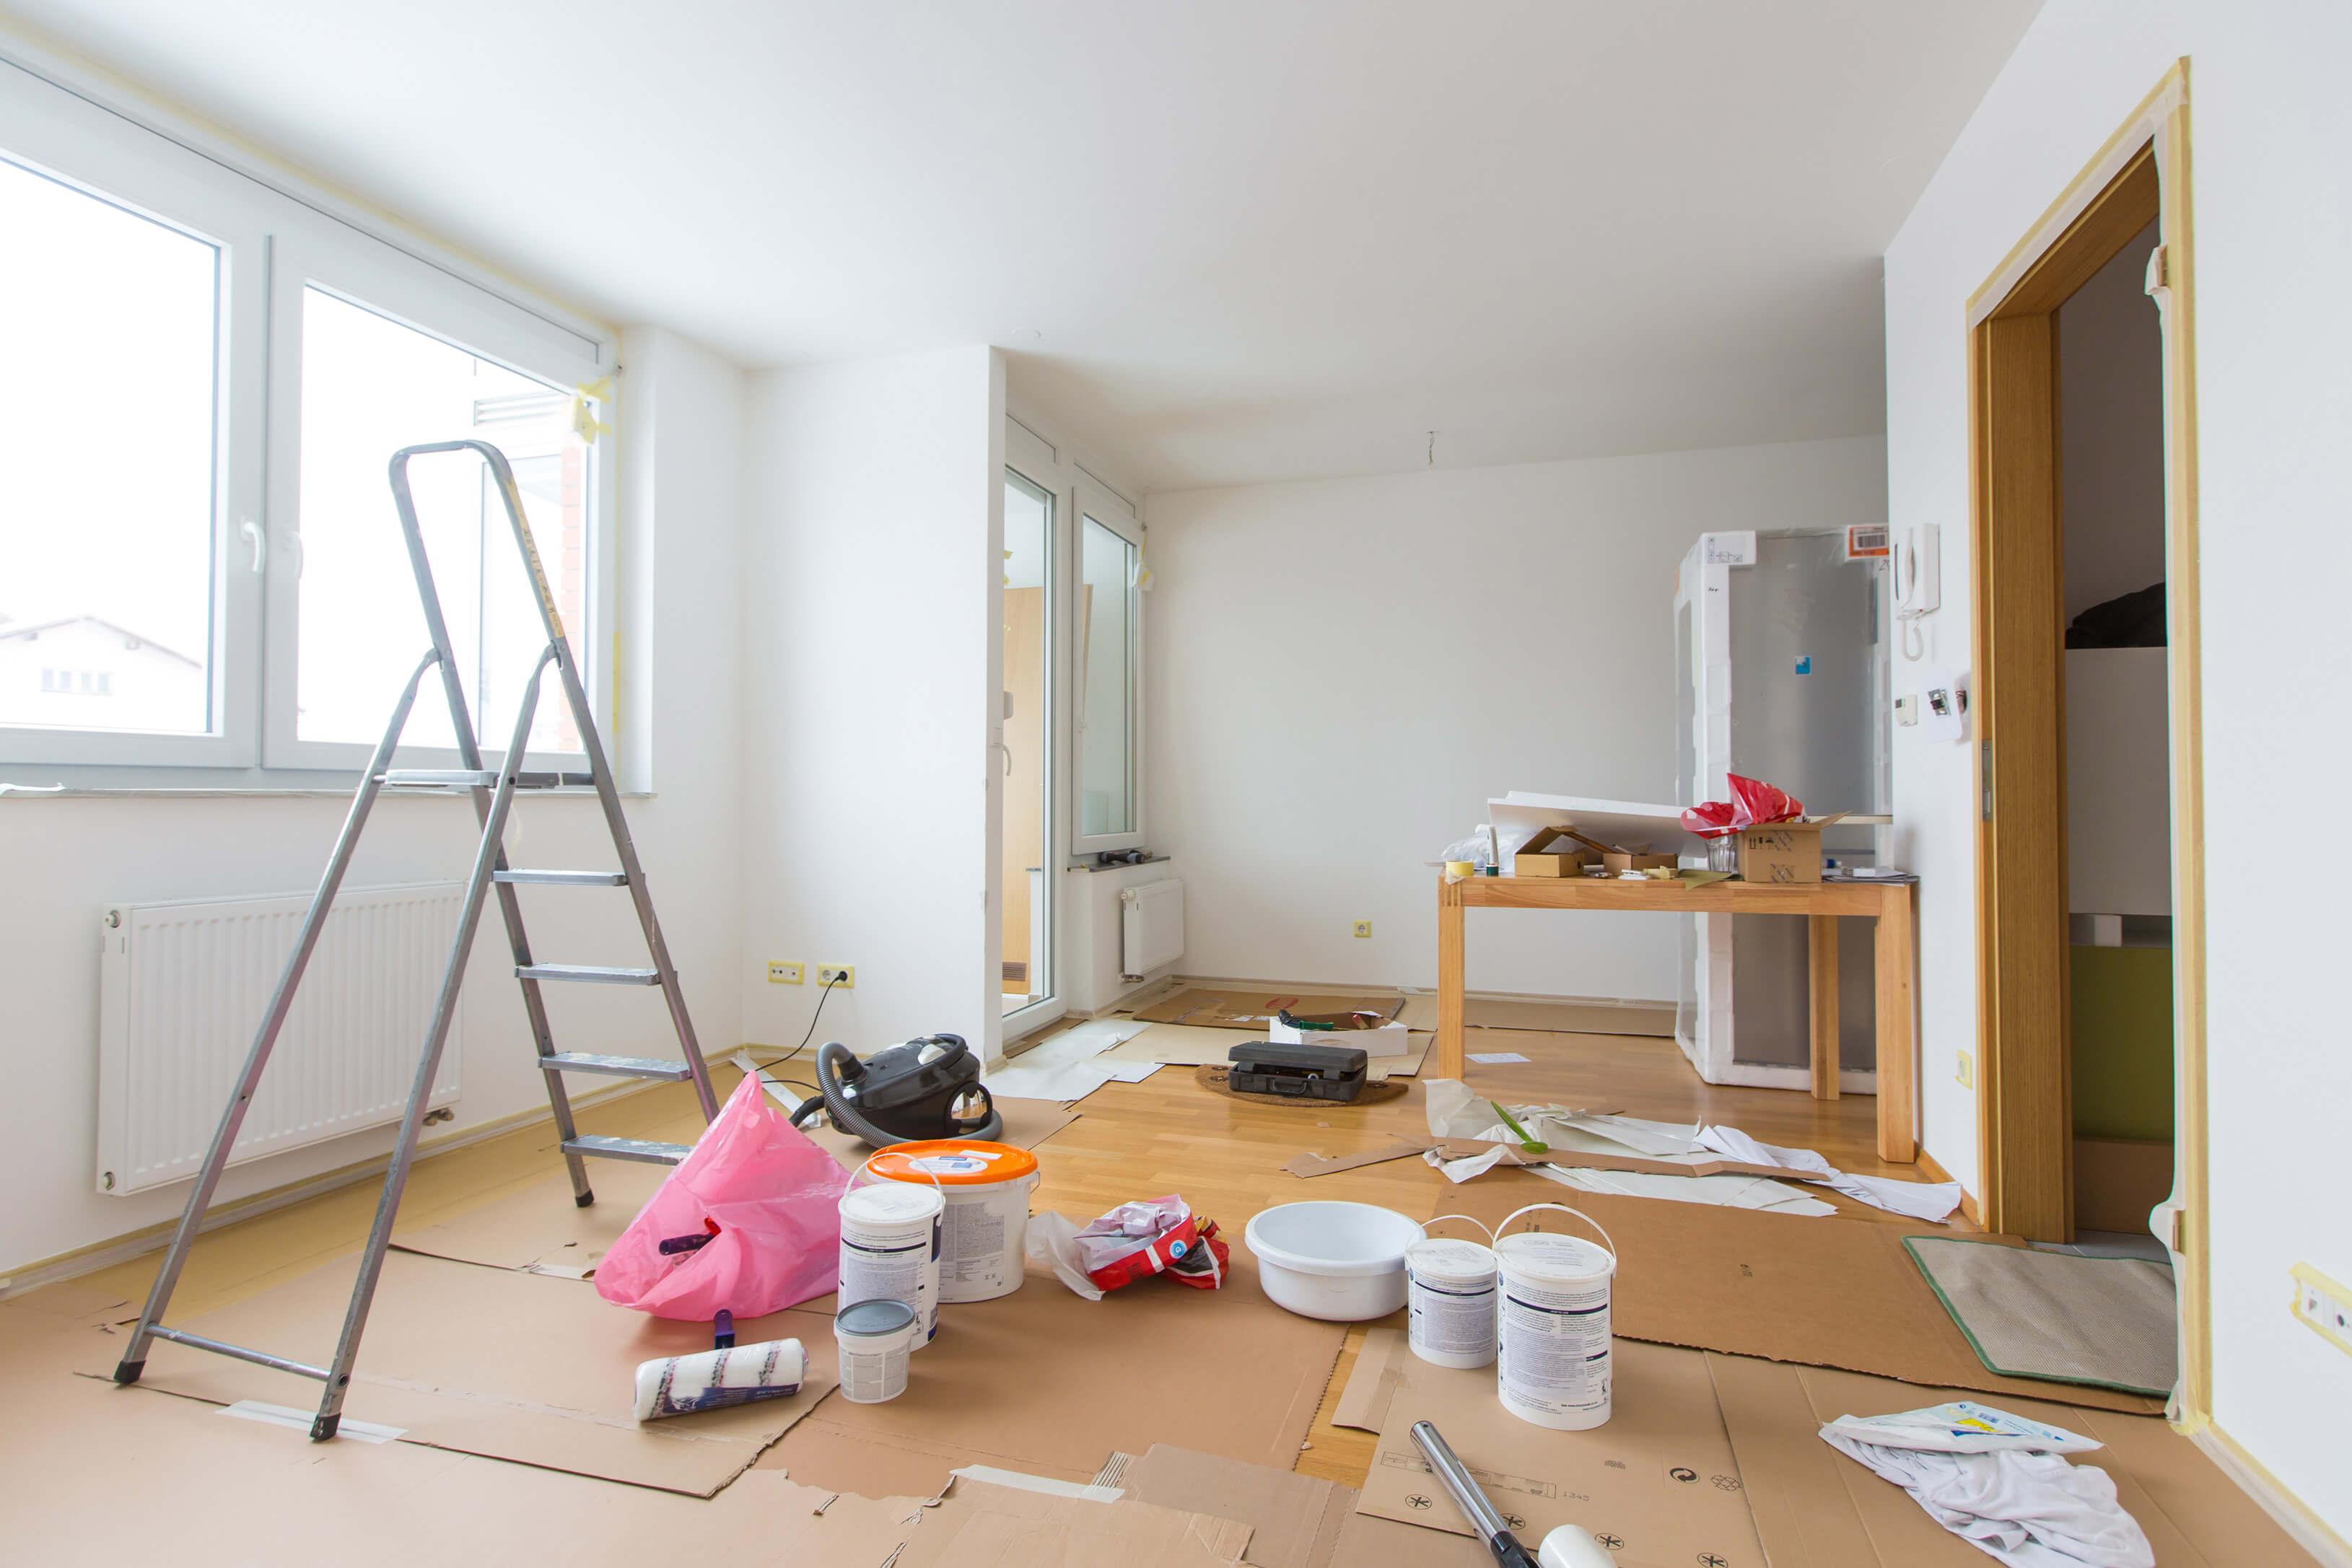 Капитальный ремонт квартиры своими руками фото3